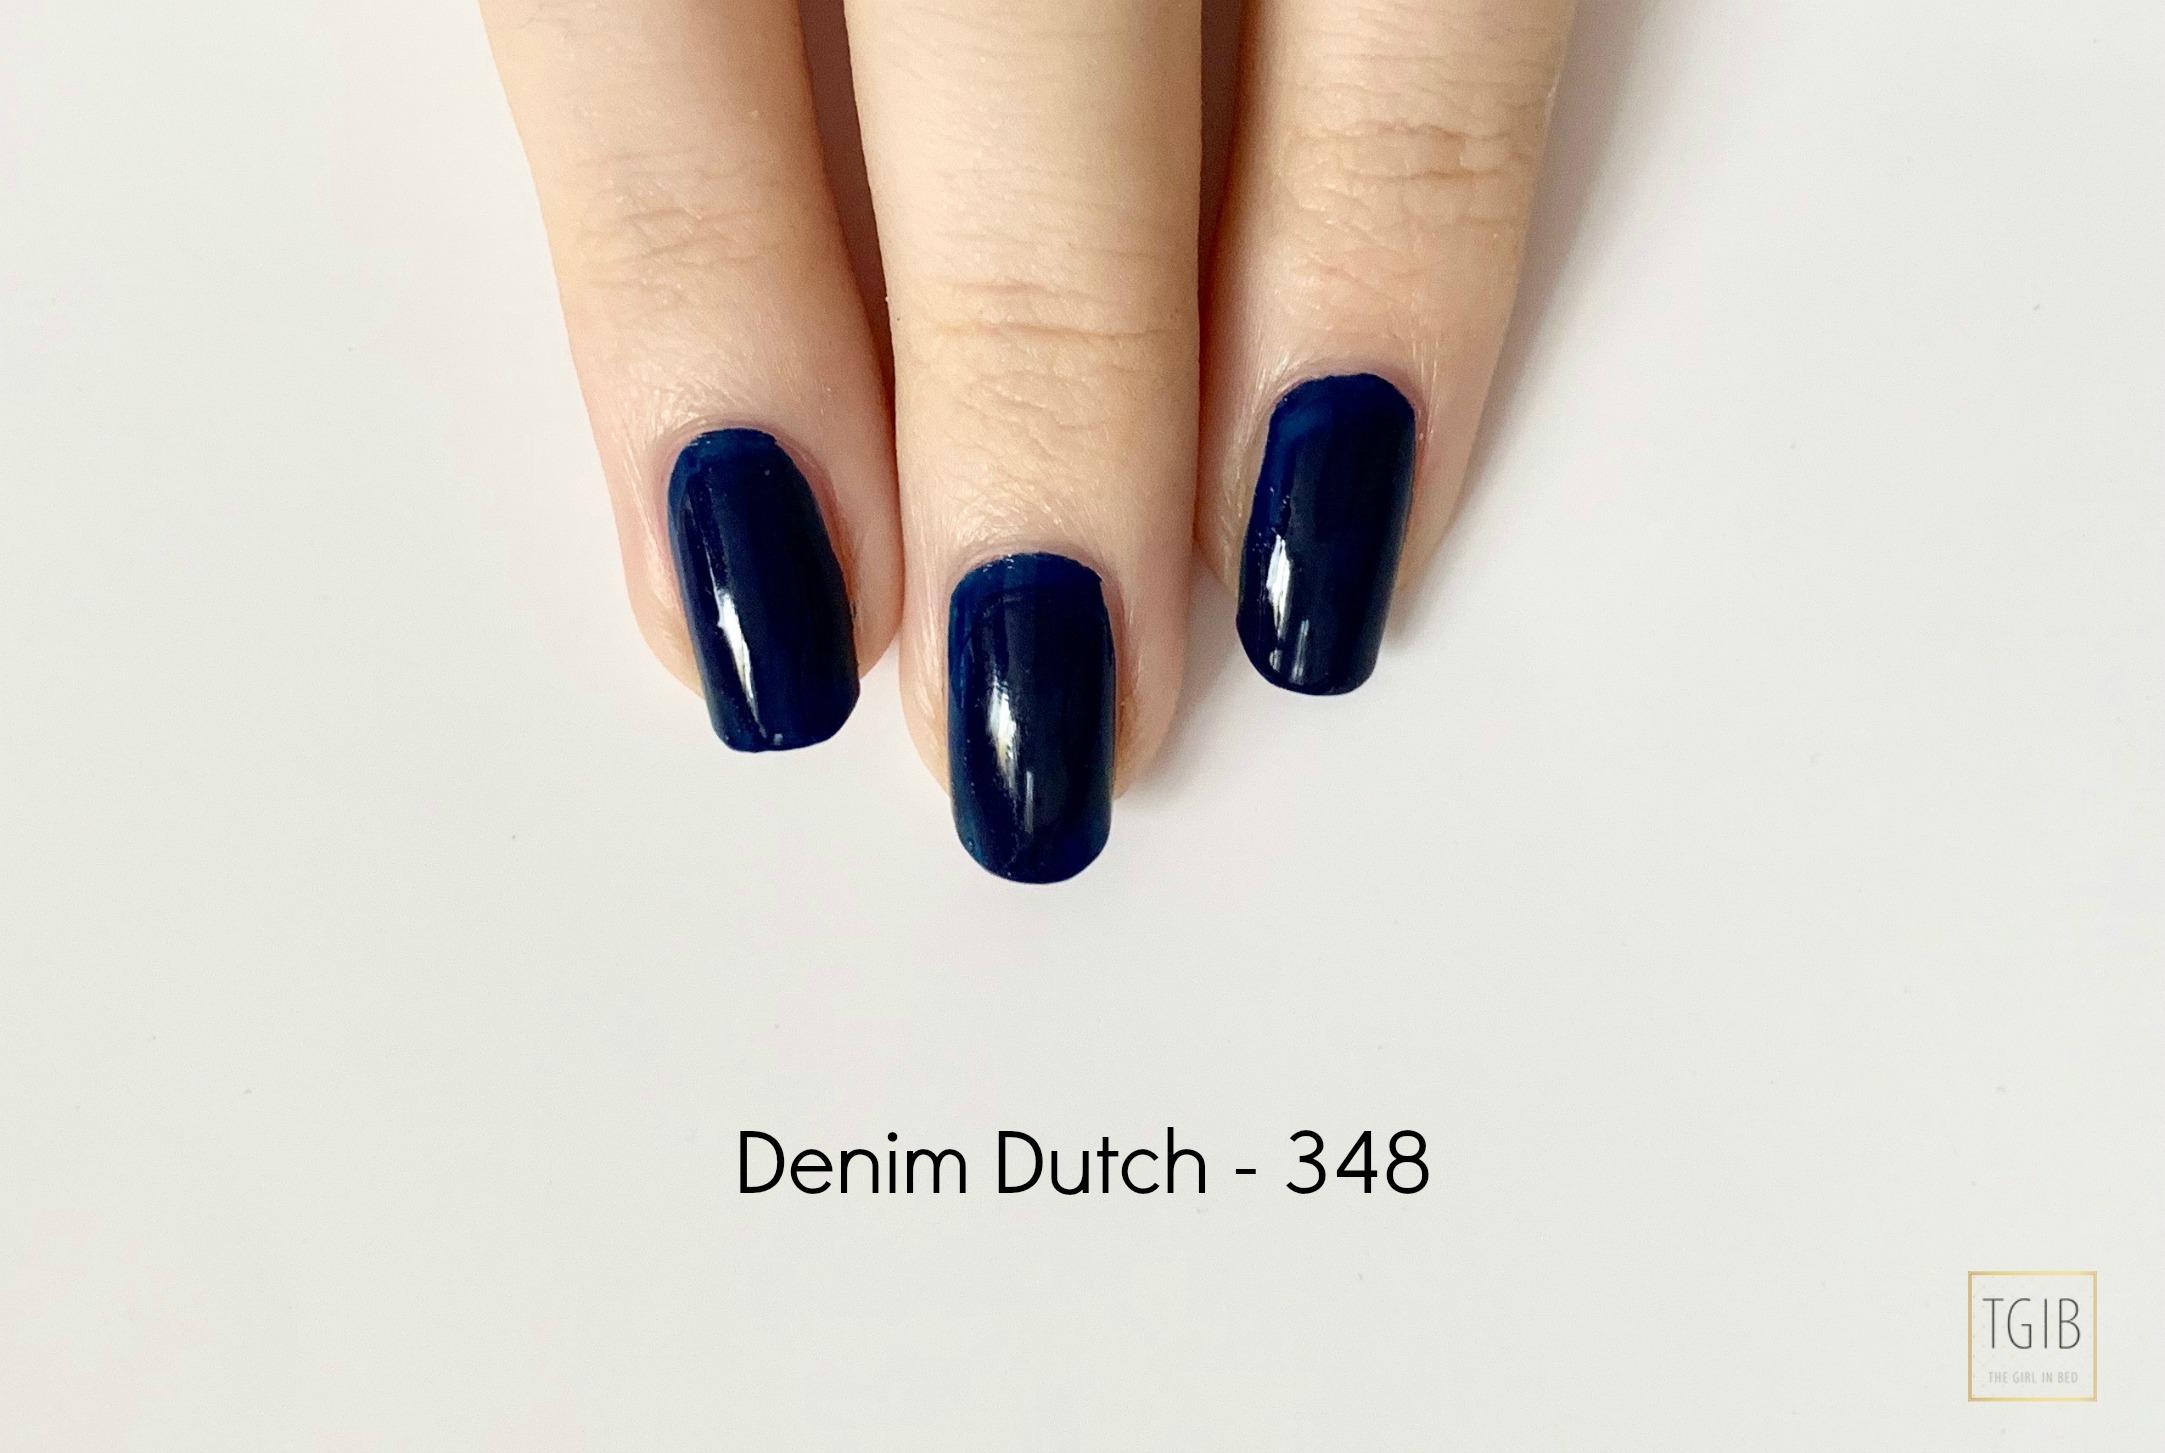 Hema Denim Dutch nagellak